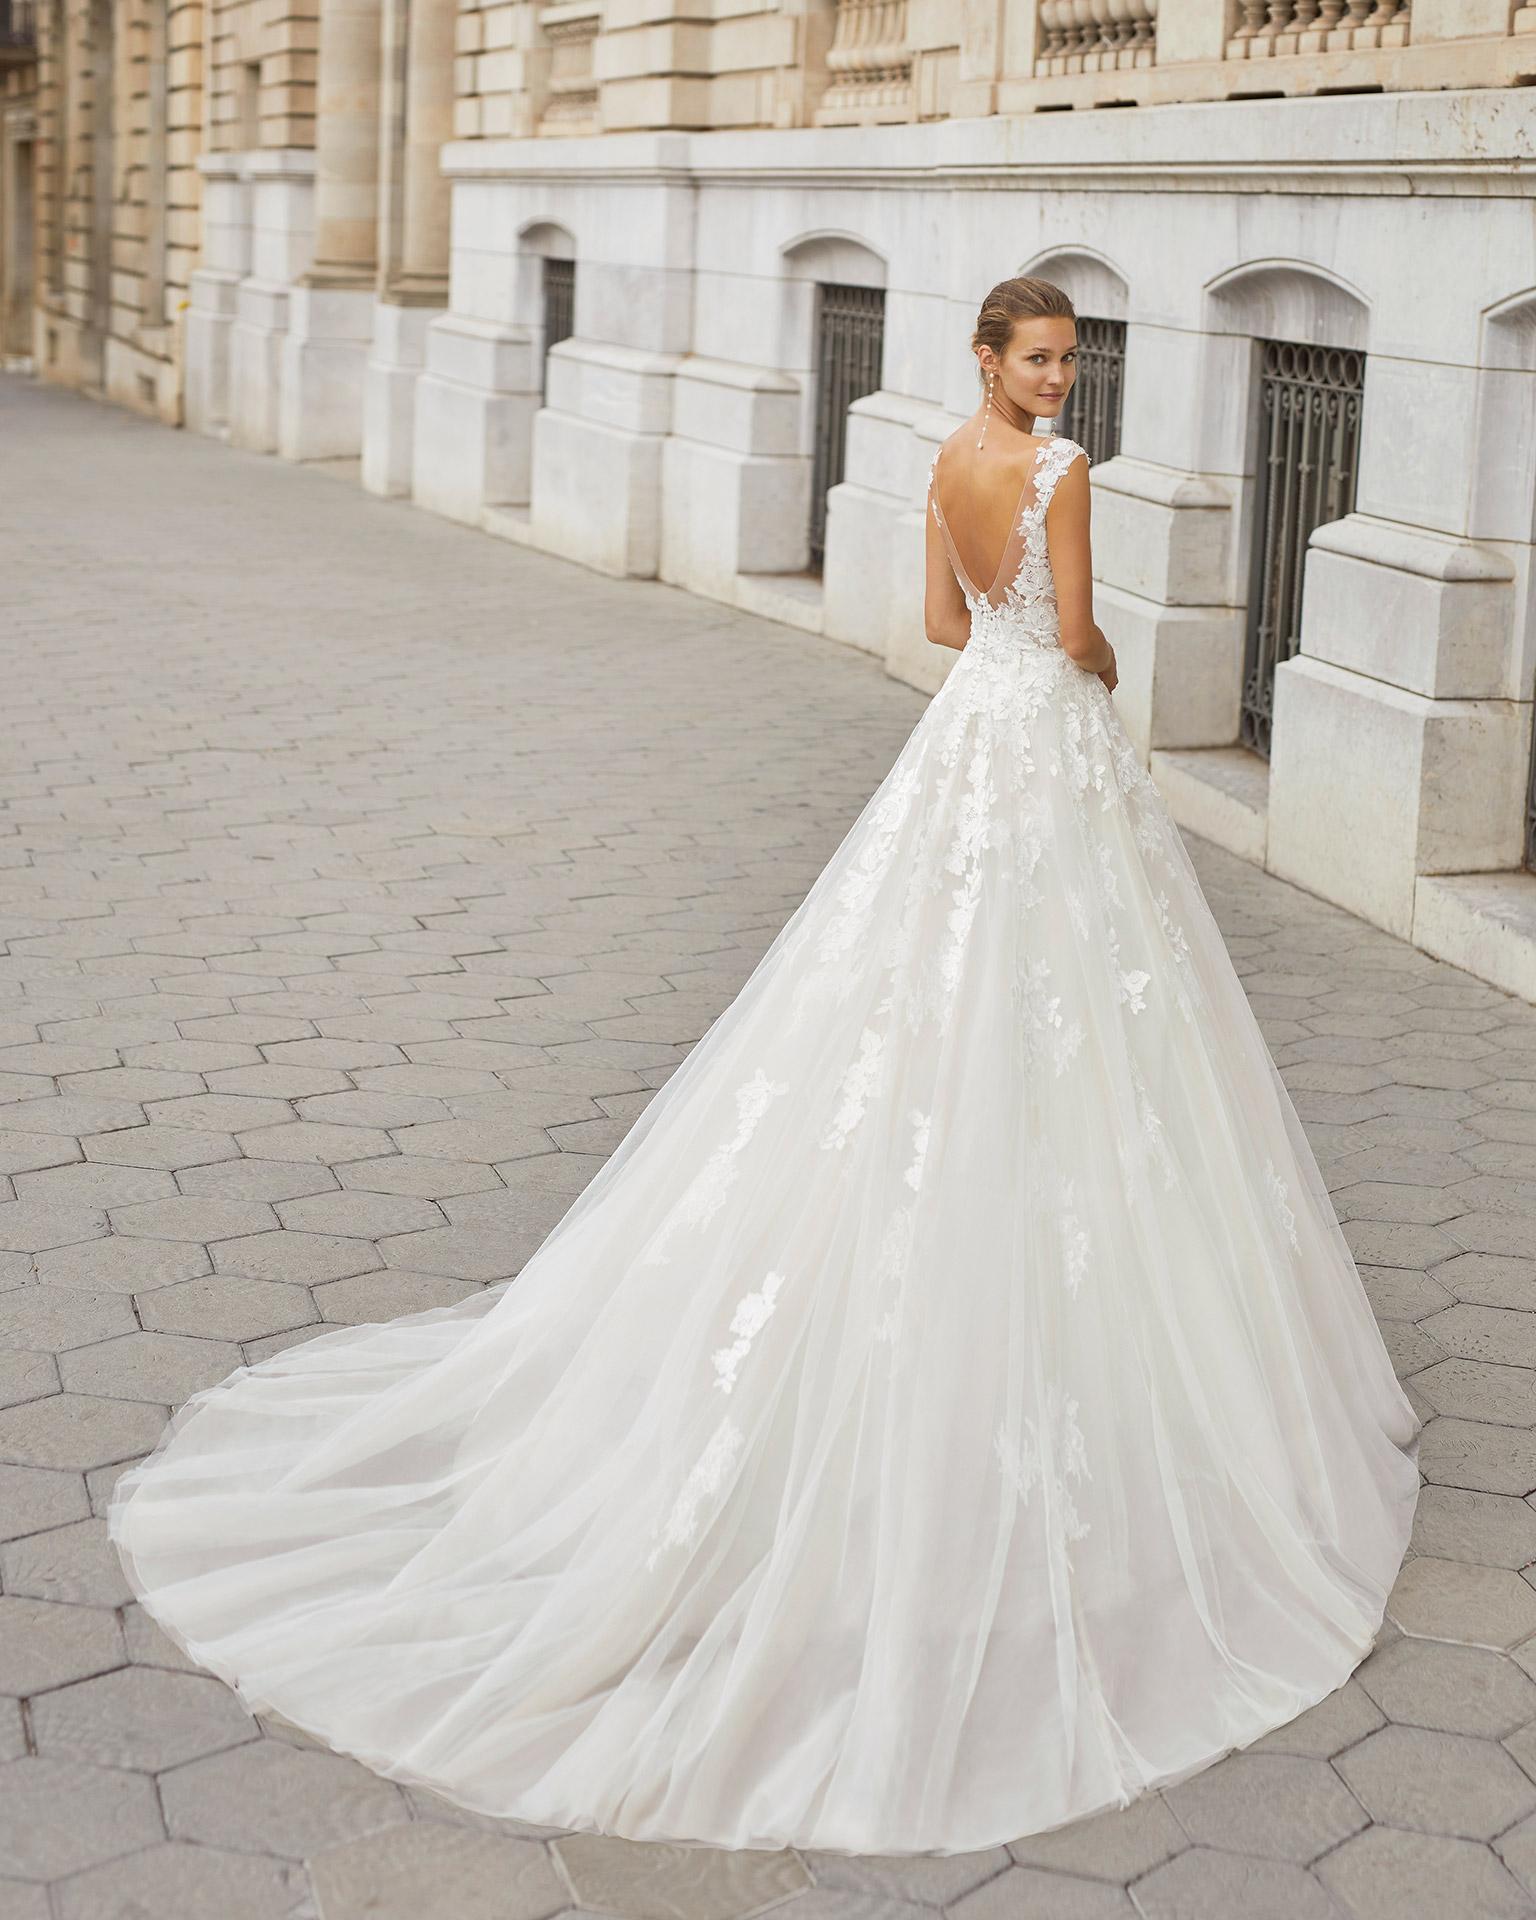 Vestido de novia de estilo linea A, tul, encaje y pedrería. Escote barco y espalda en V. Colección  2022.